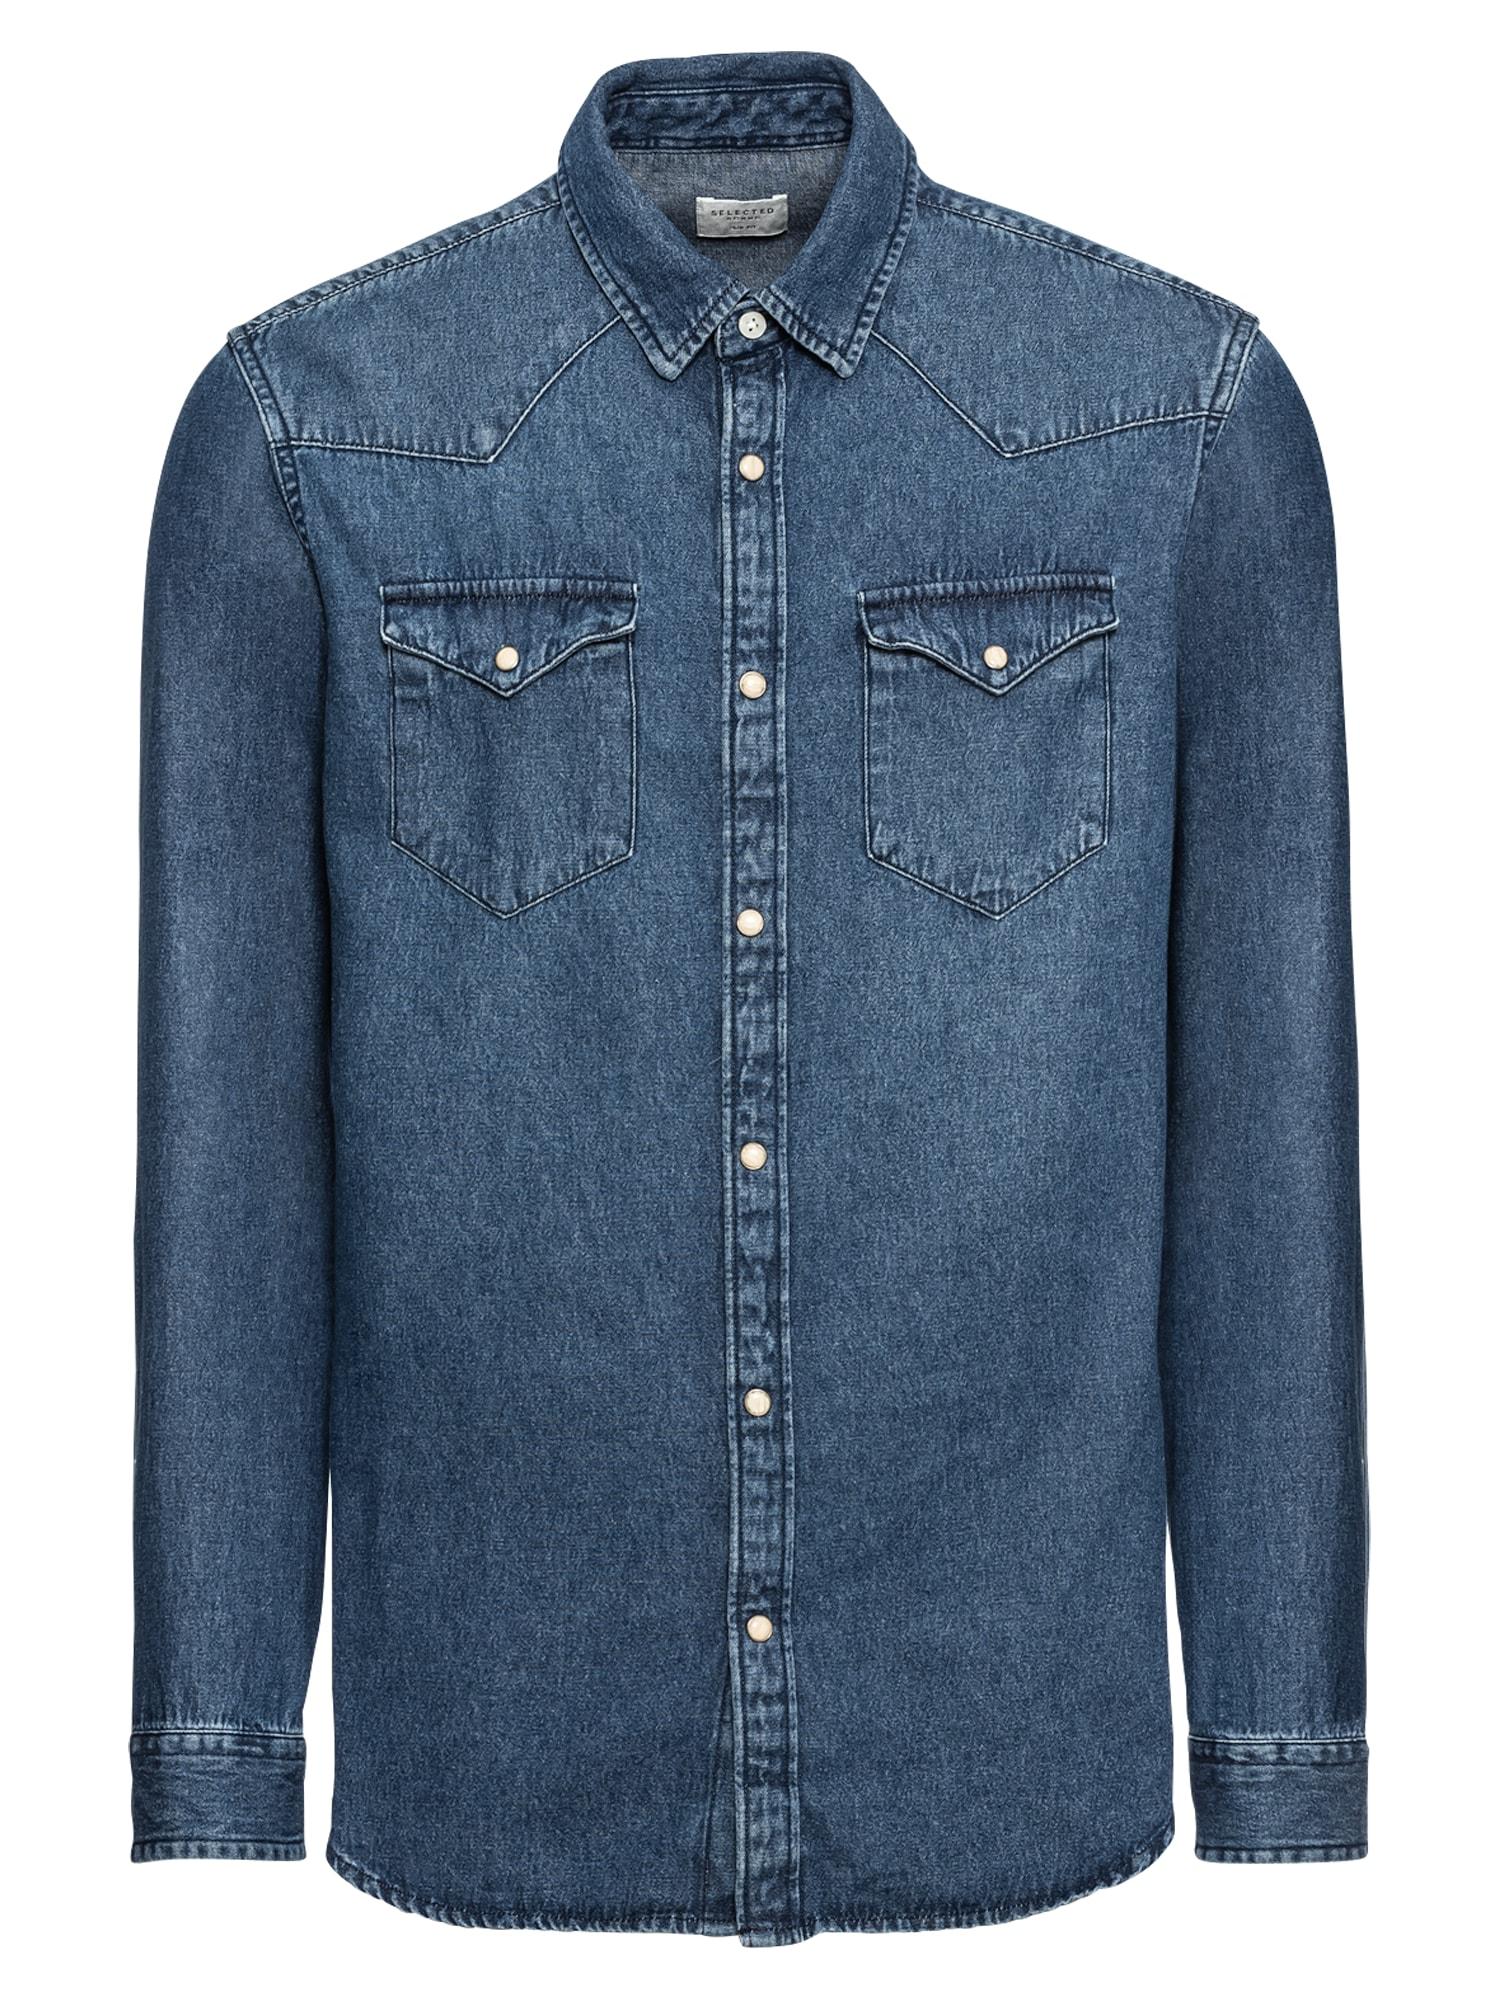 Košile SLHSLIMNED-SMITH SHIRT LS W NOOS modrá džínovina SELECTED HOMME